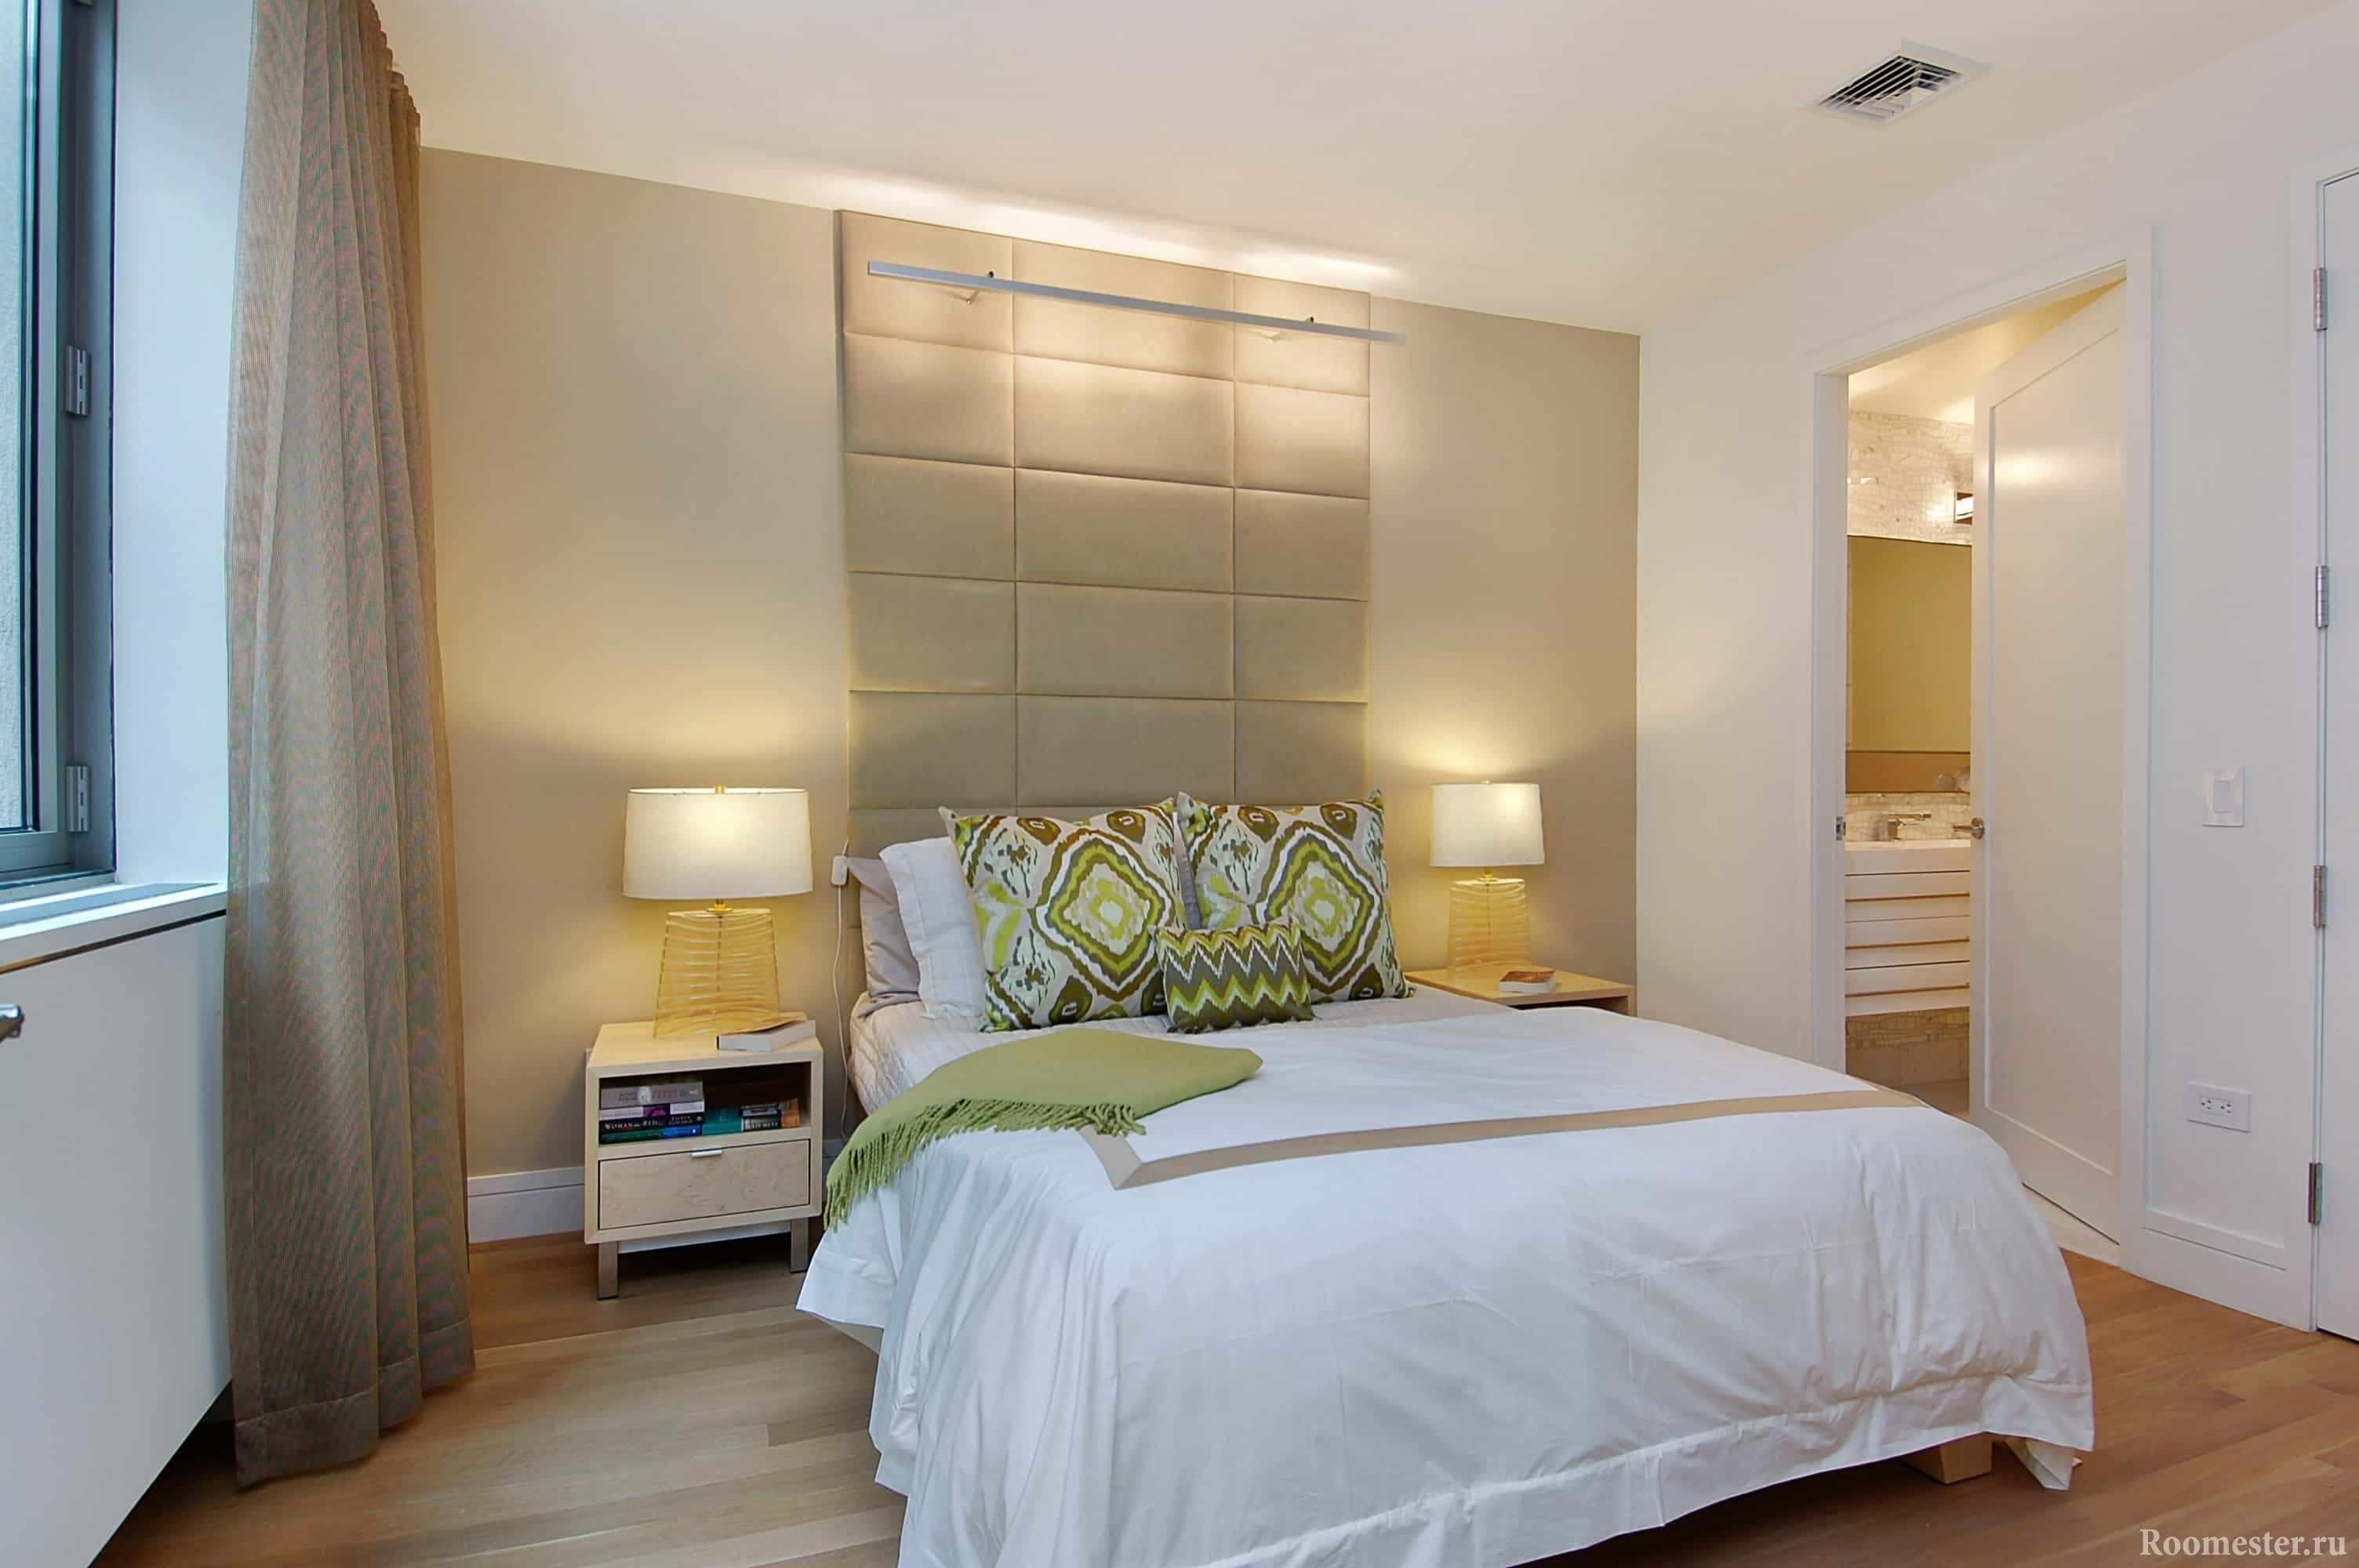 Оригинальная подсветка изголовья кровати и прикроватные светильники